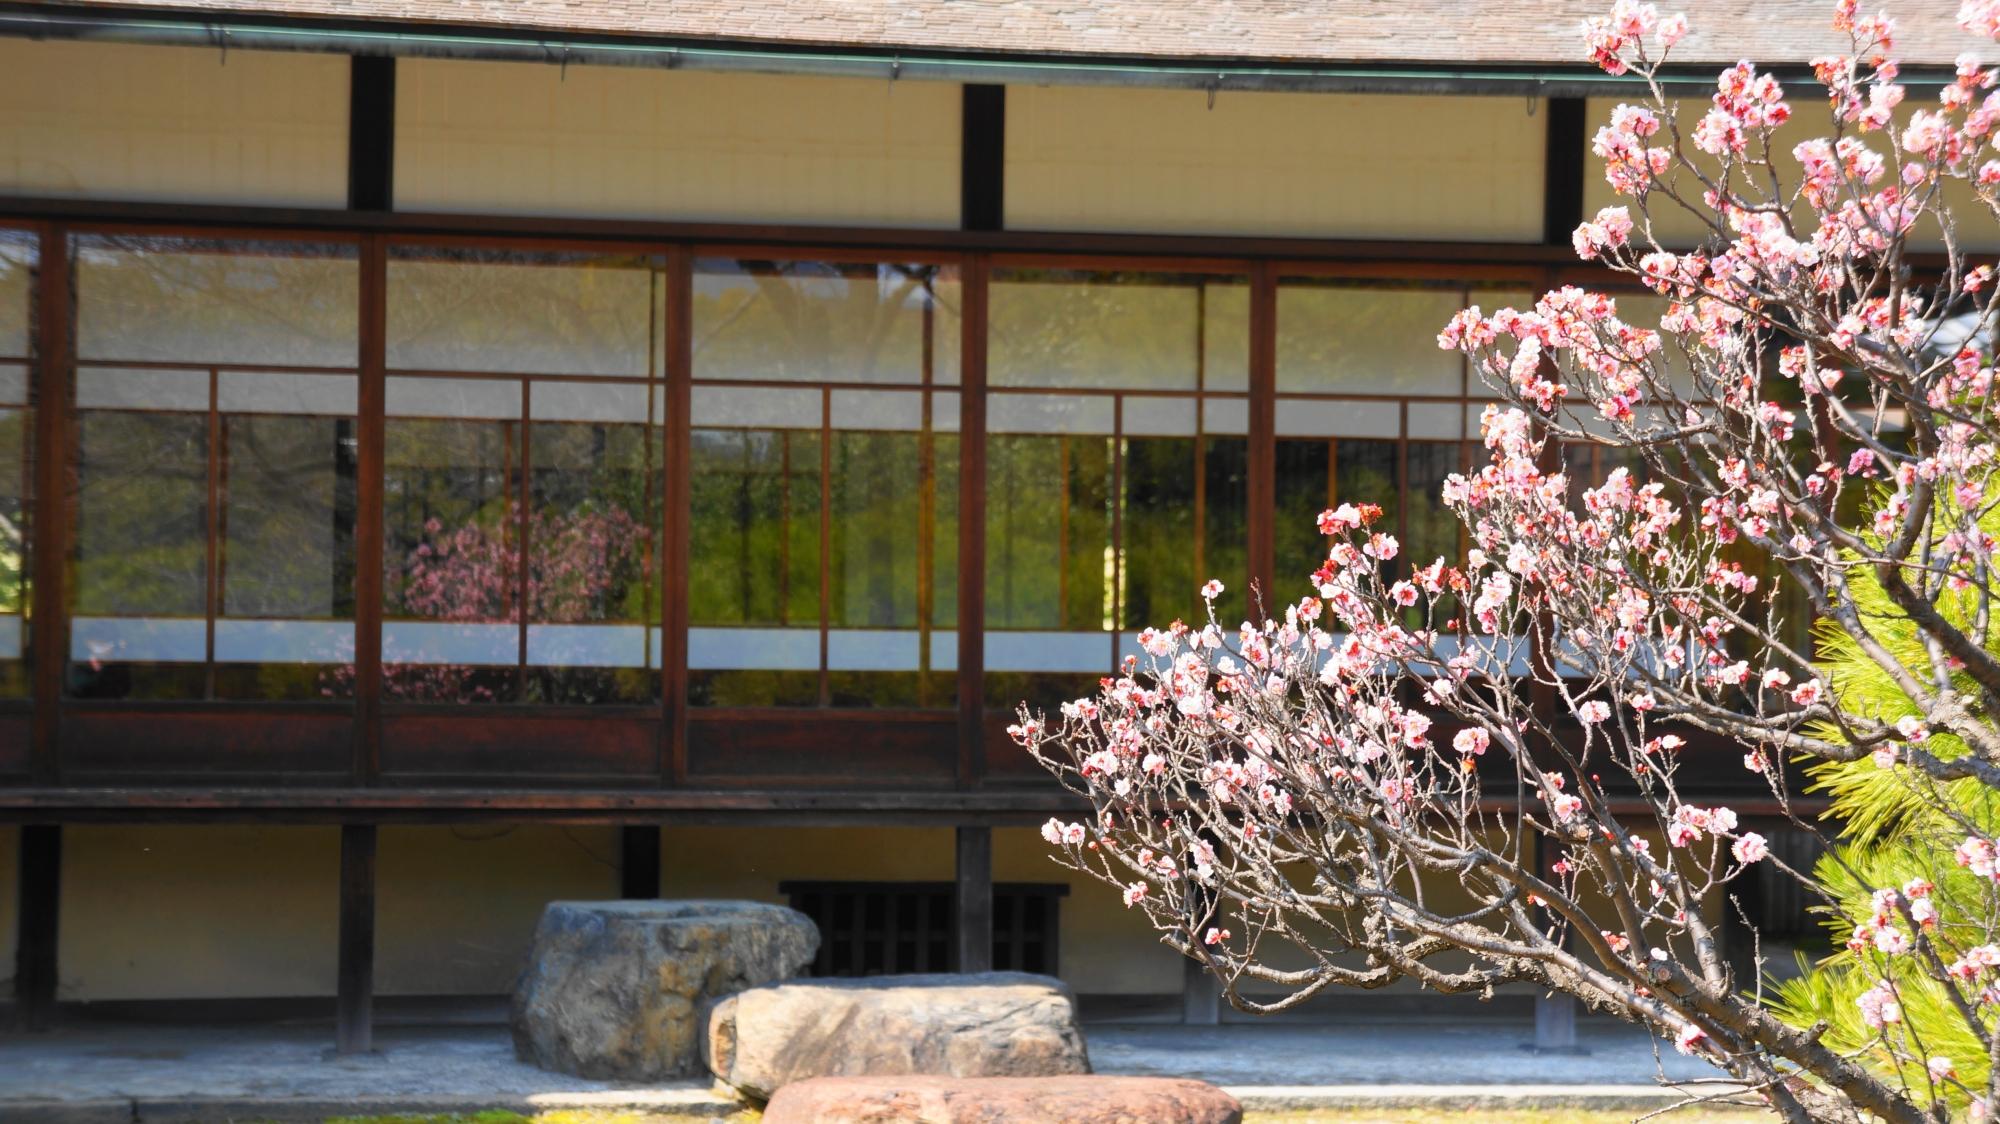 閬風亭のガラスに反射する咲き誇る梅の花